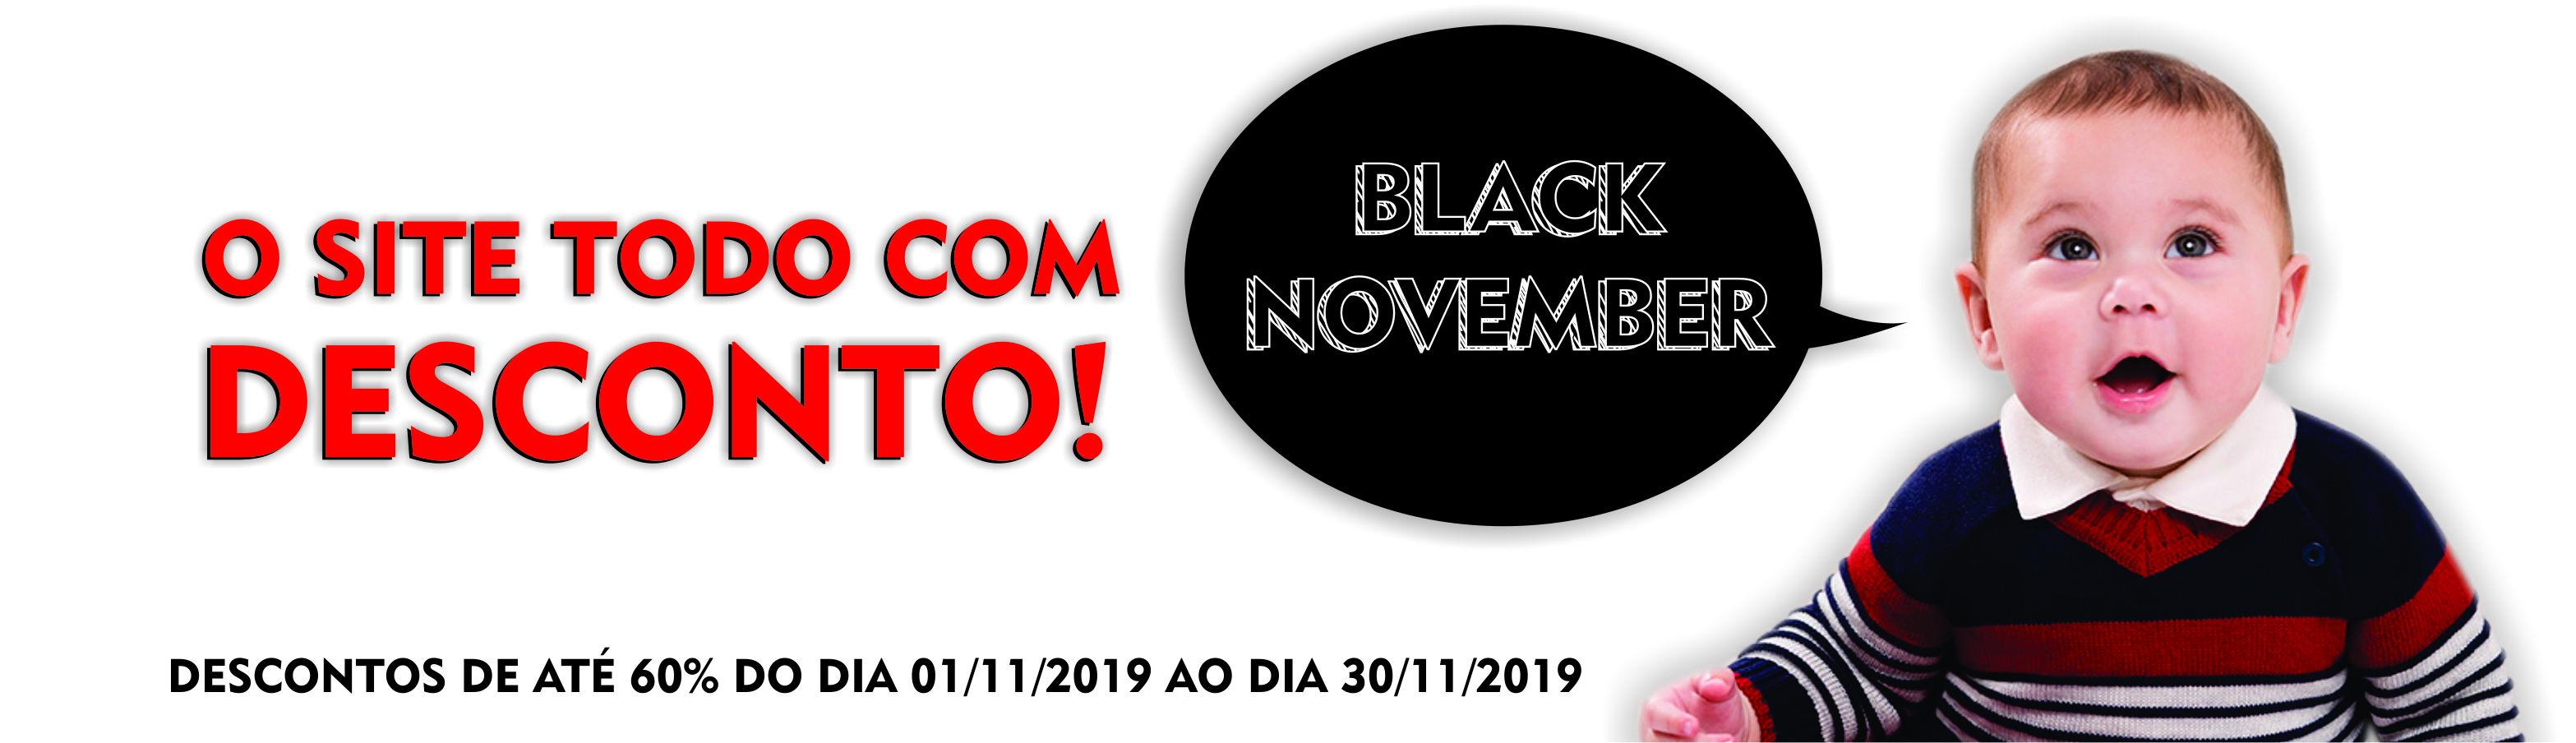 Black November 2019 desktop